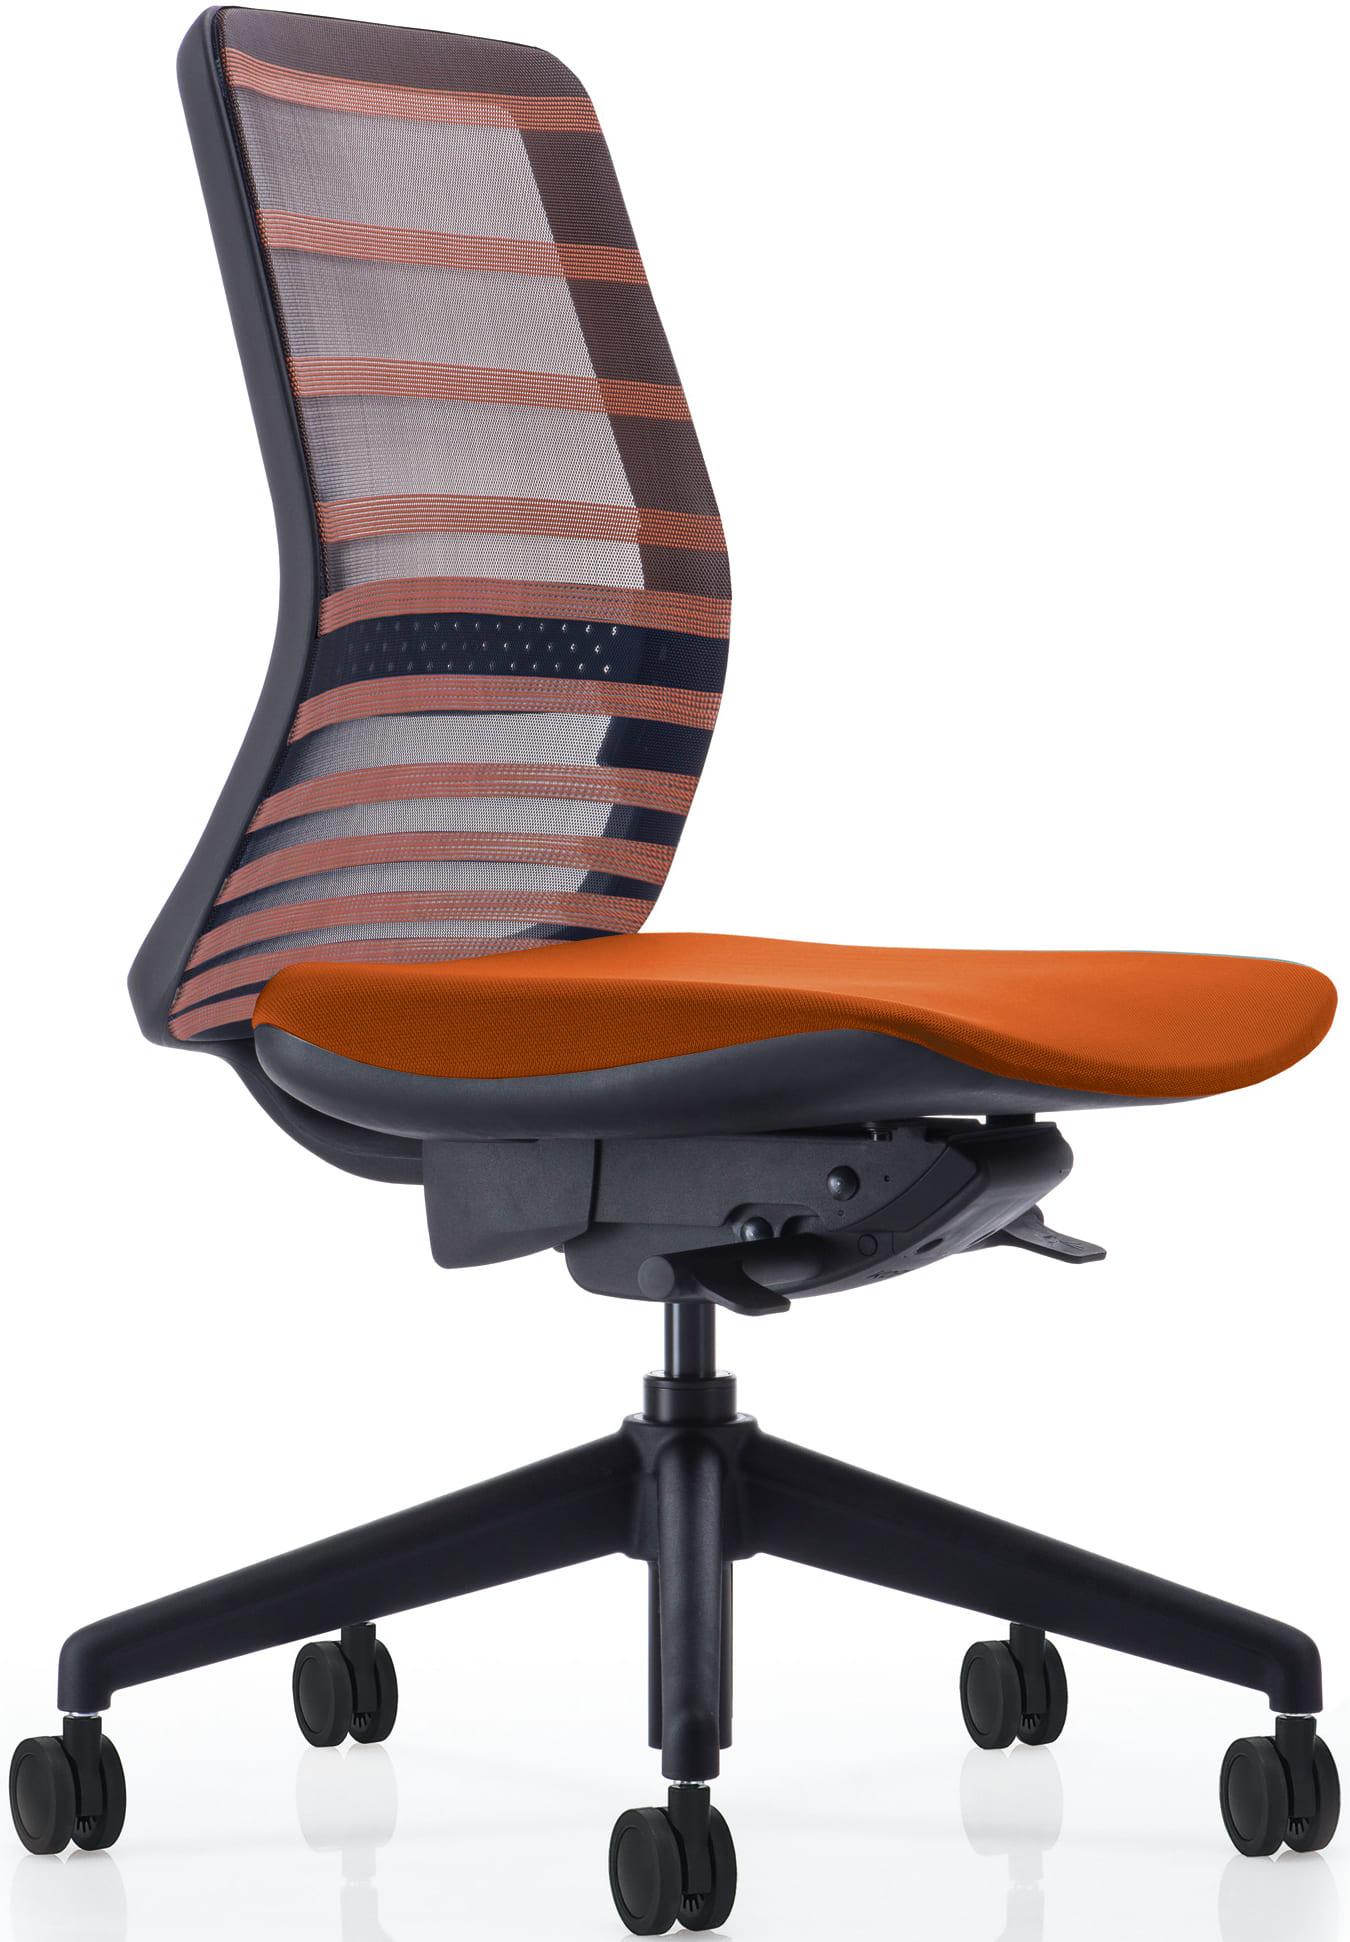 【ネット限定】デスクチェア トニック ブラック樹脂 肘無 オレンジ:現代的なシェルの曲線デザインとメッシュを融合